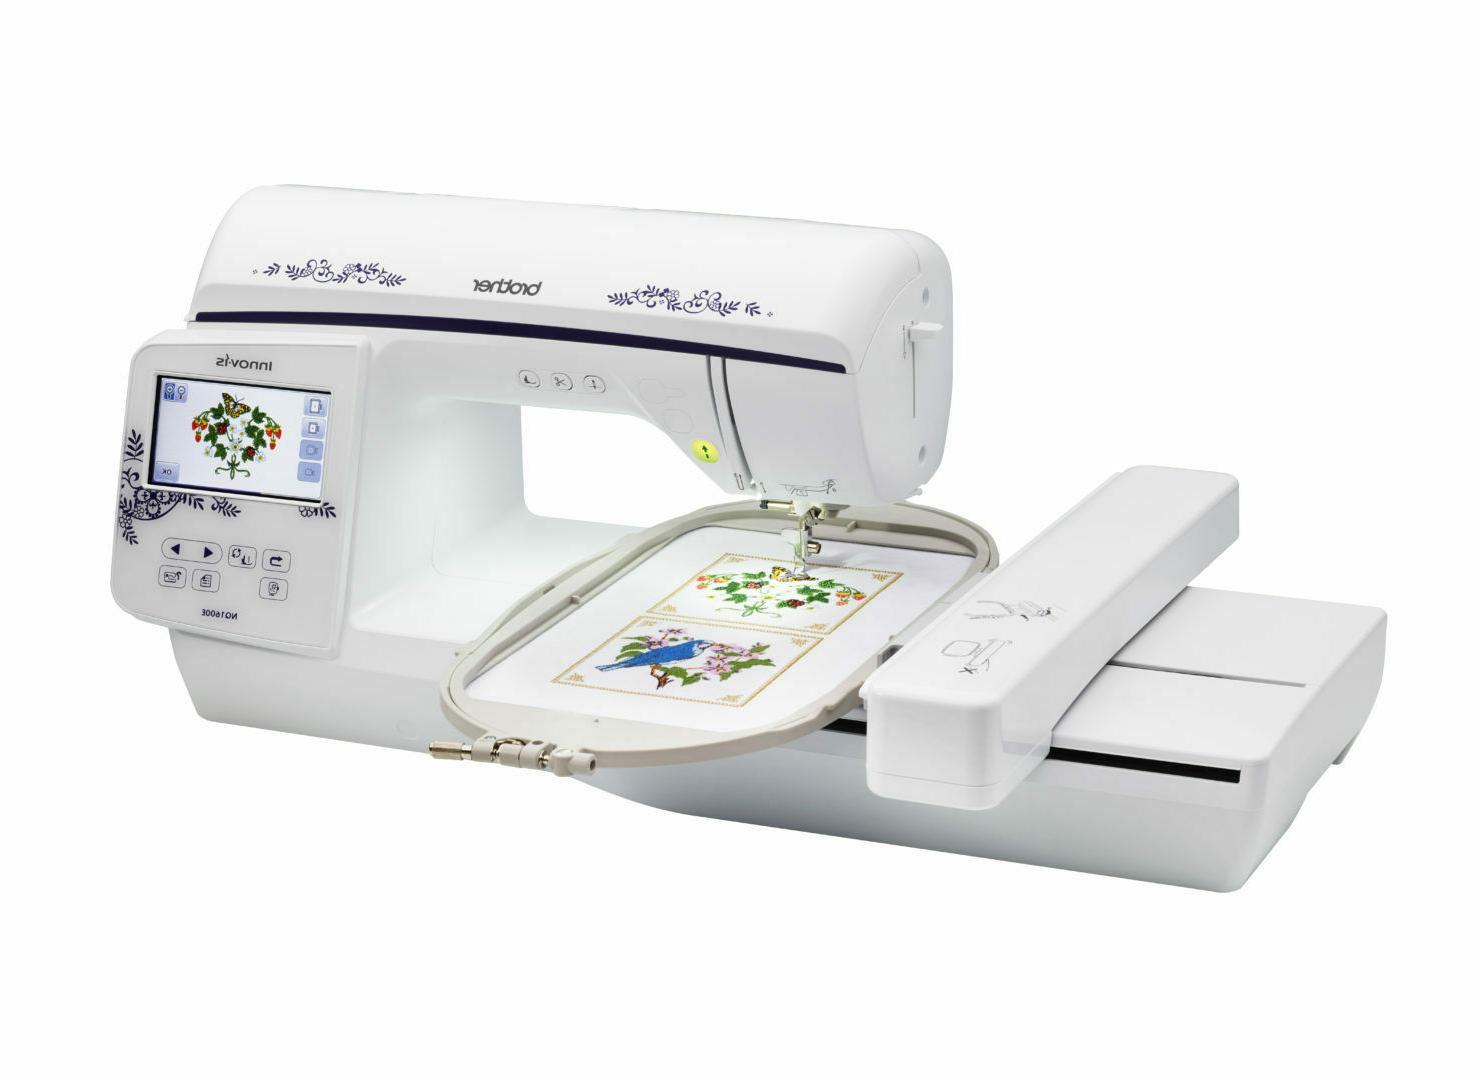 innovis nq1600e computerized embroidery machinenew